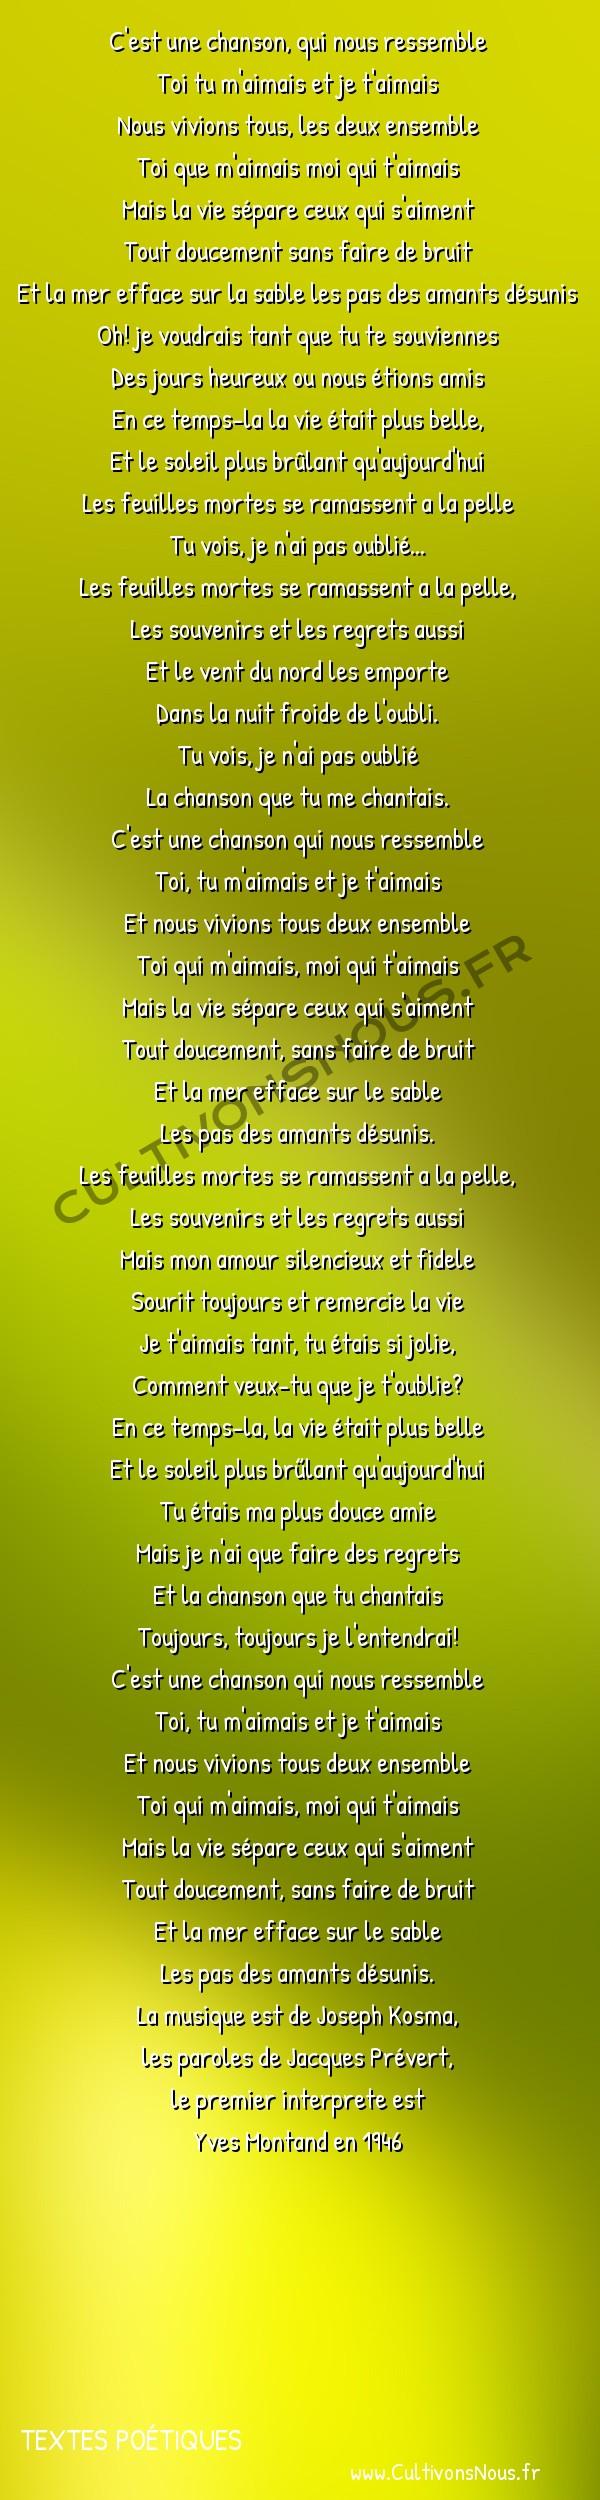 Poésie Jacques Prevert - Textes poétiques - Les feuilles mortes -   C'est une chanson, qui nous ressemble Toi tu m'aimais et je t'aimais